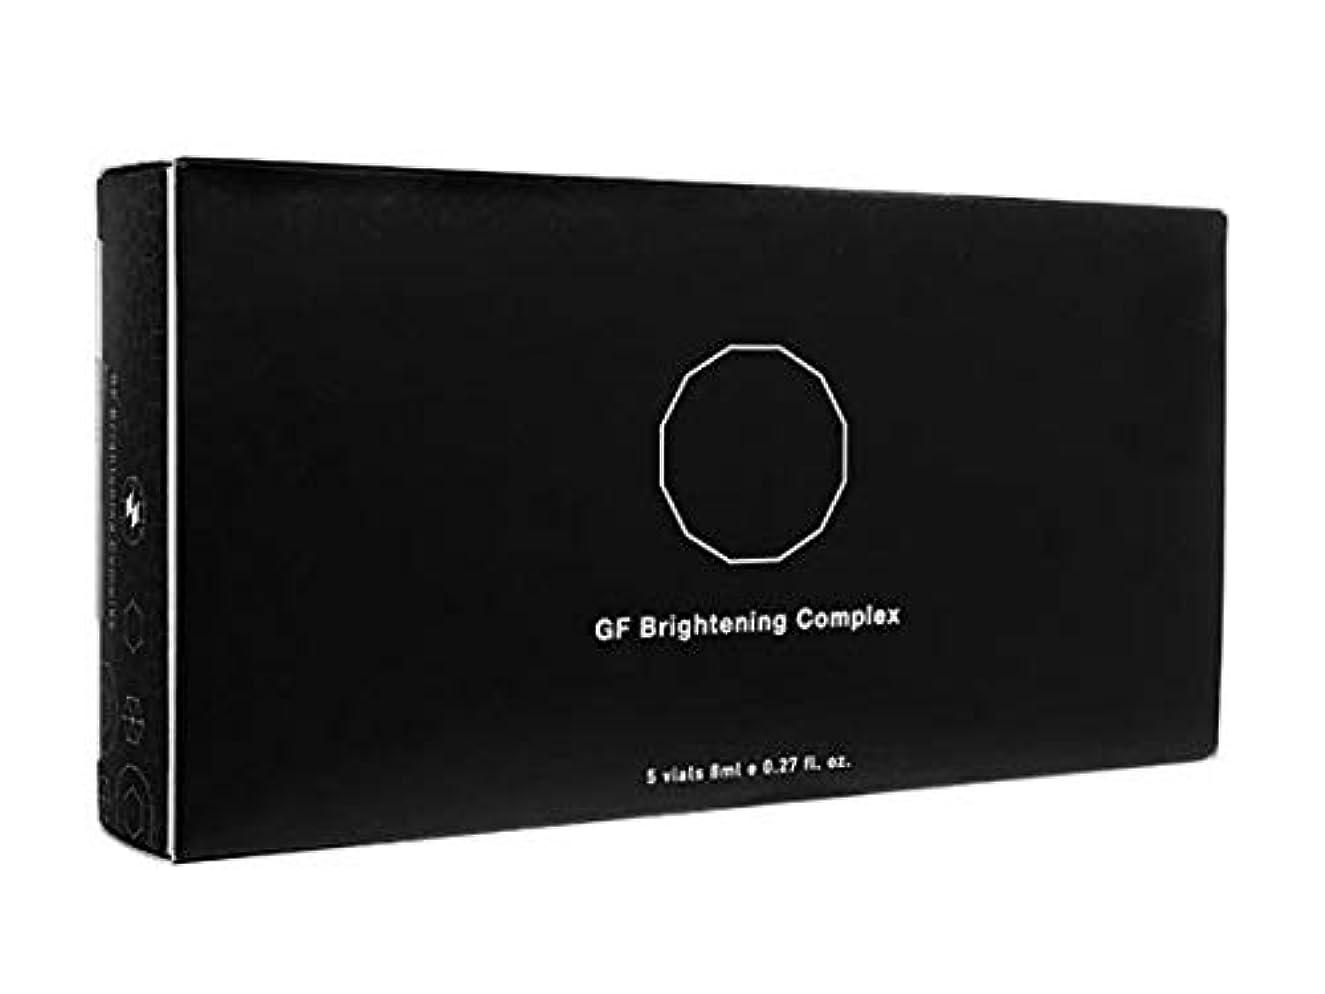 参加者スーパーおいしいべネブ ブライトニング コンプレックス 8ml 5本 (Benev) GF Brightening Complex